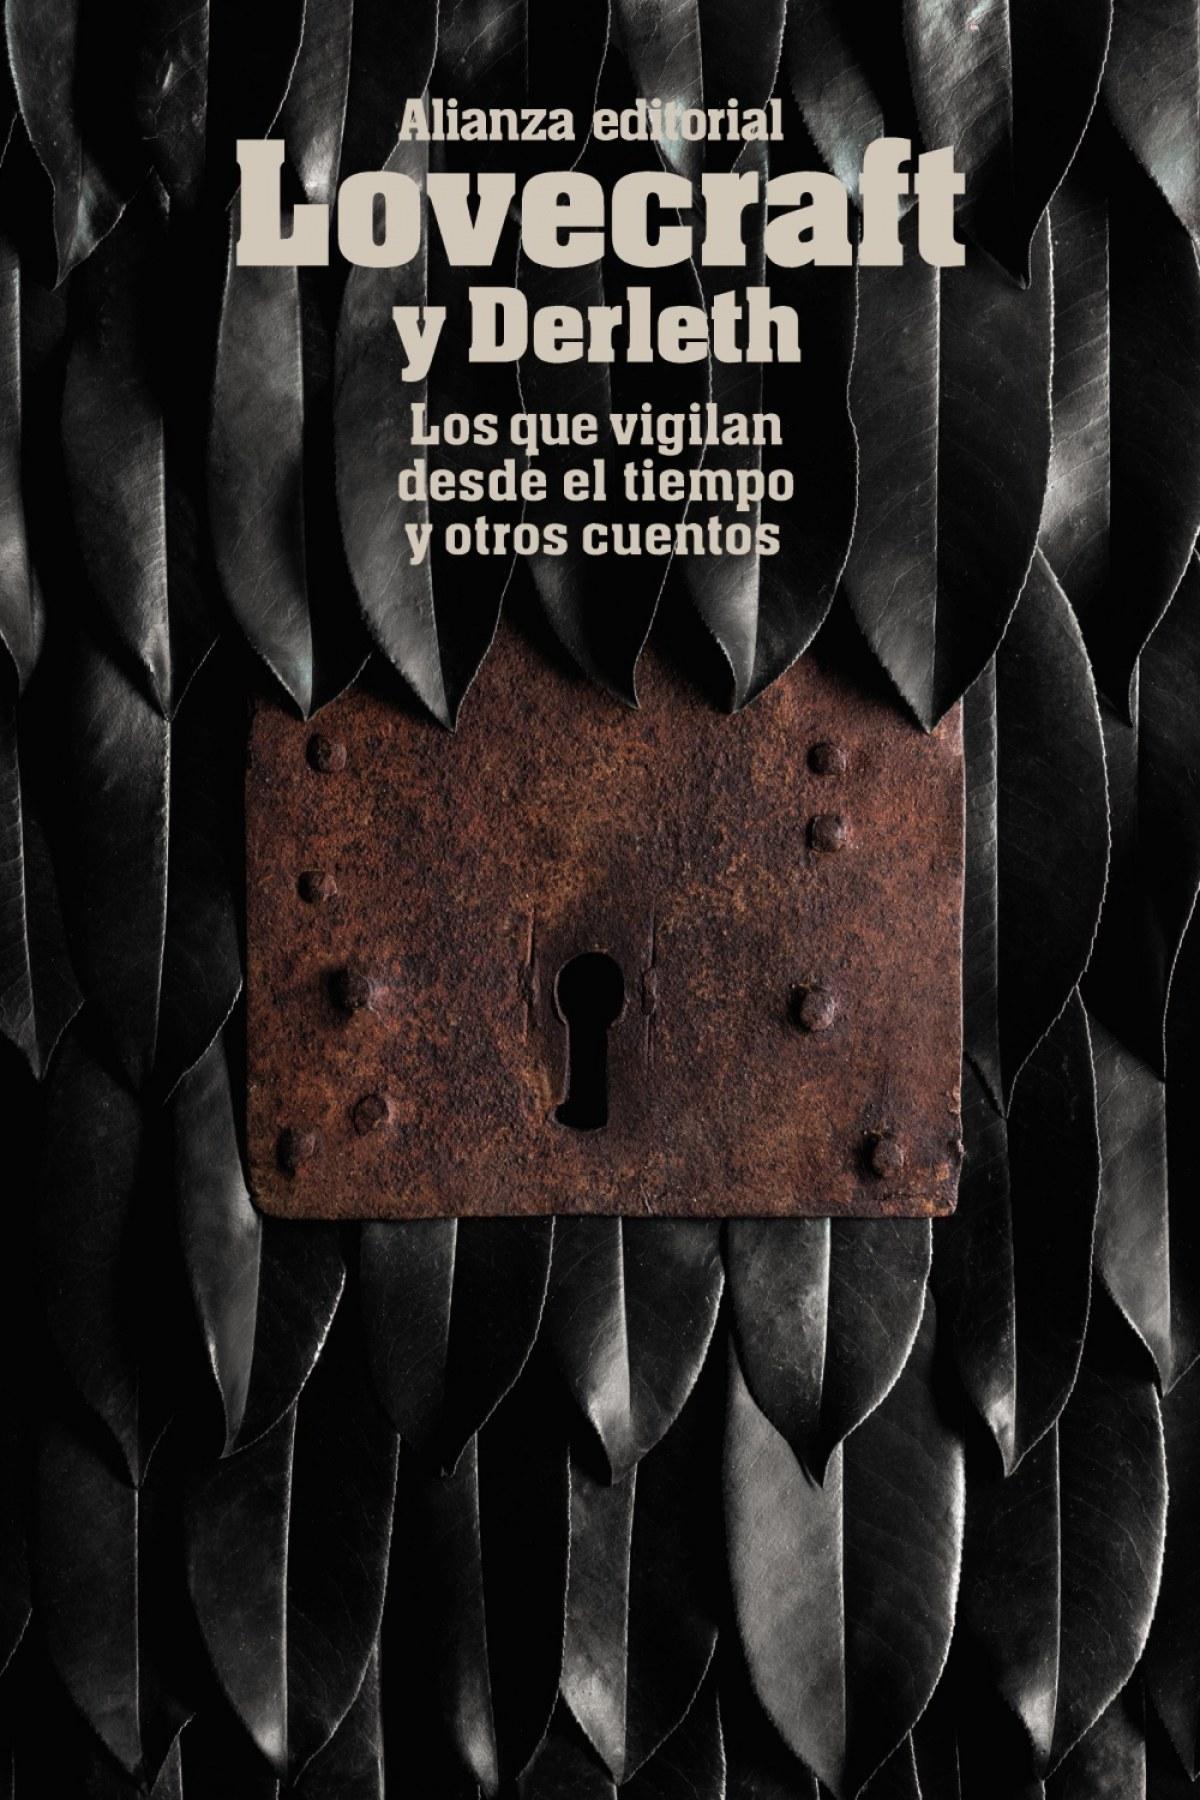 LOS QUE VIGILAN DESDE EL TIEMPO Y OTROS CUENTOS 9788491043362